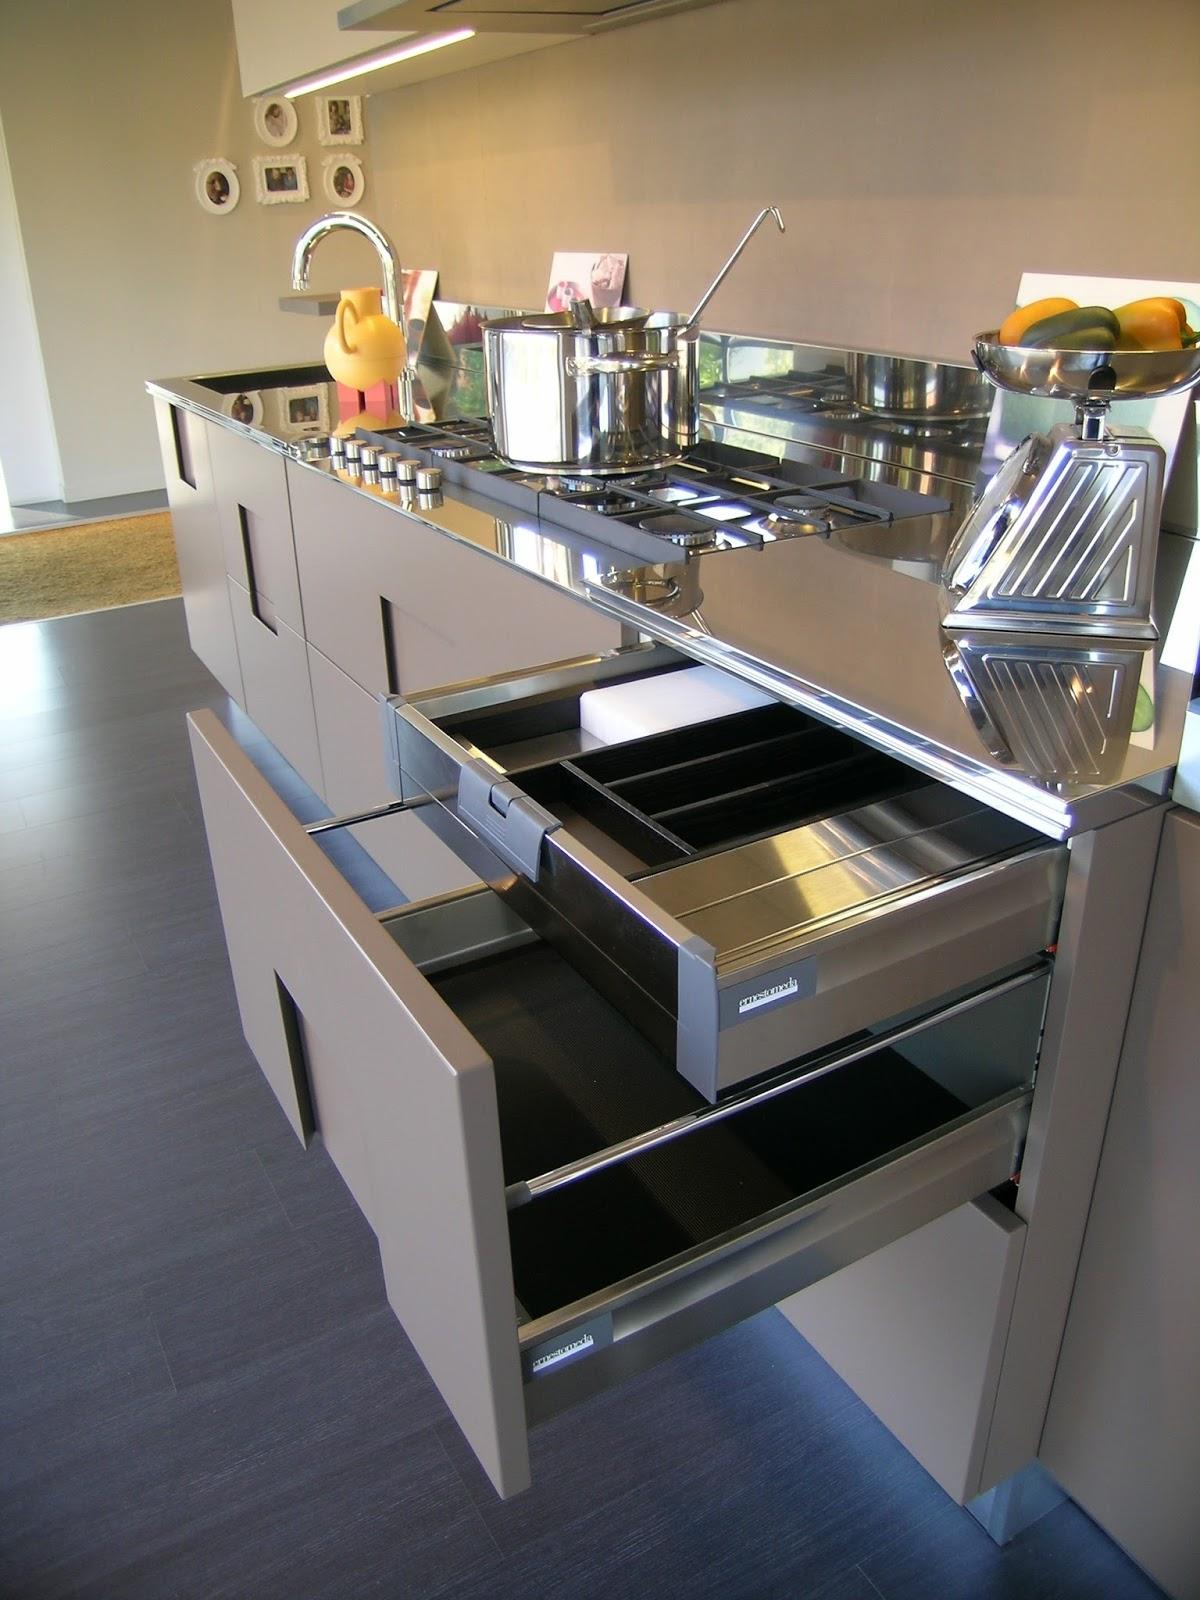 Cucine e arredamenti mauri interni cucina ernestomeda carr for Mauri arredamenti